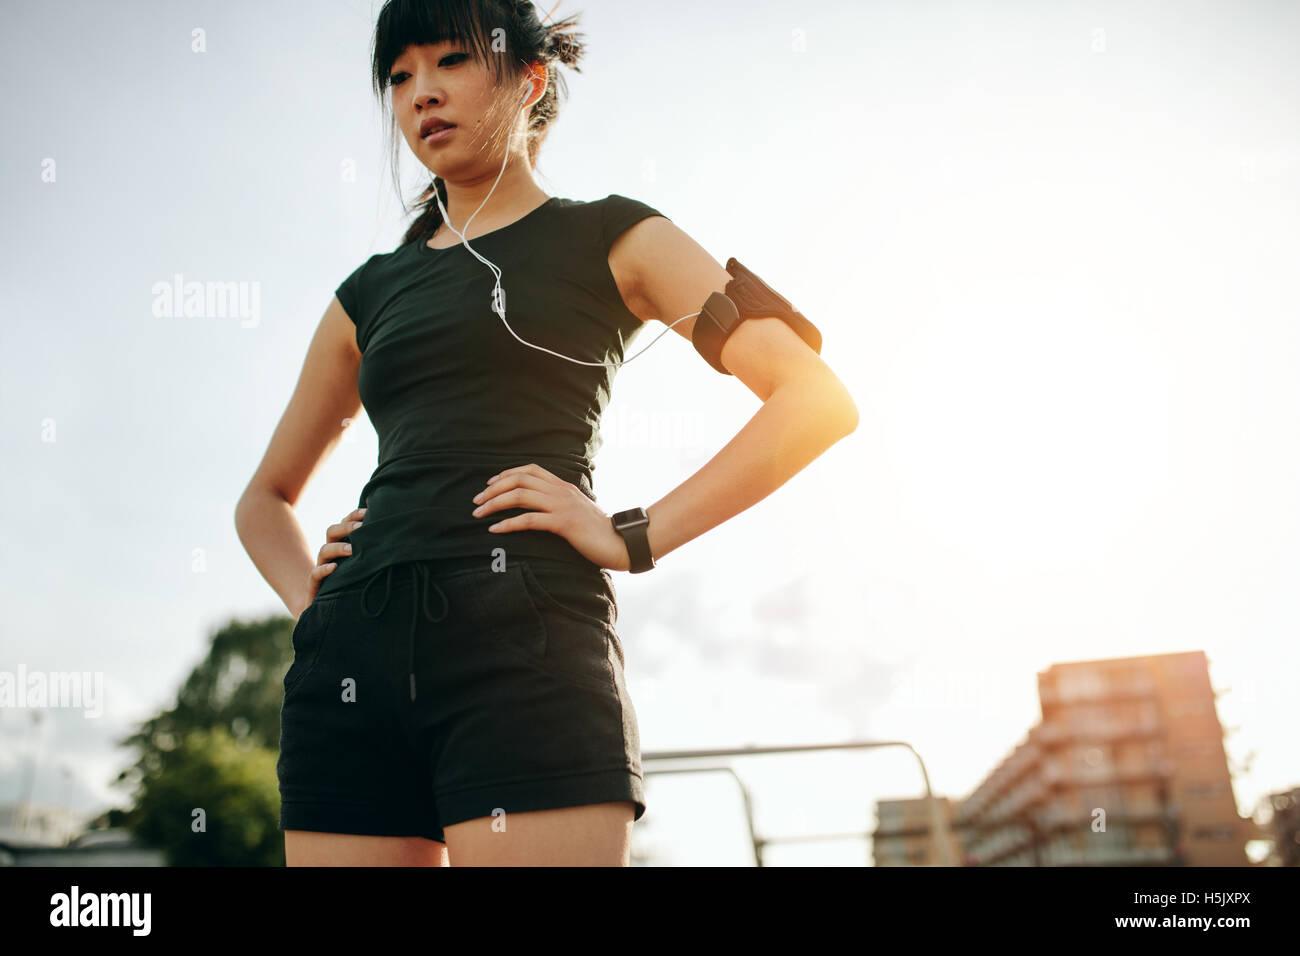 Schuss von junge Chinesin, die eine Pause bei einem Morgenlauf. Fitness Frauen stehen im Freien mit ihr Hände Stockbild